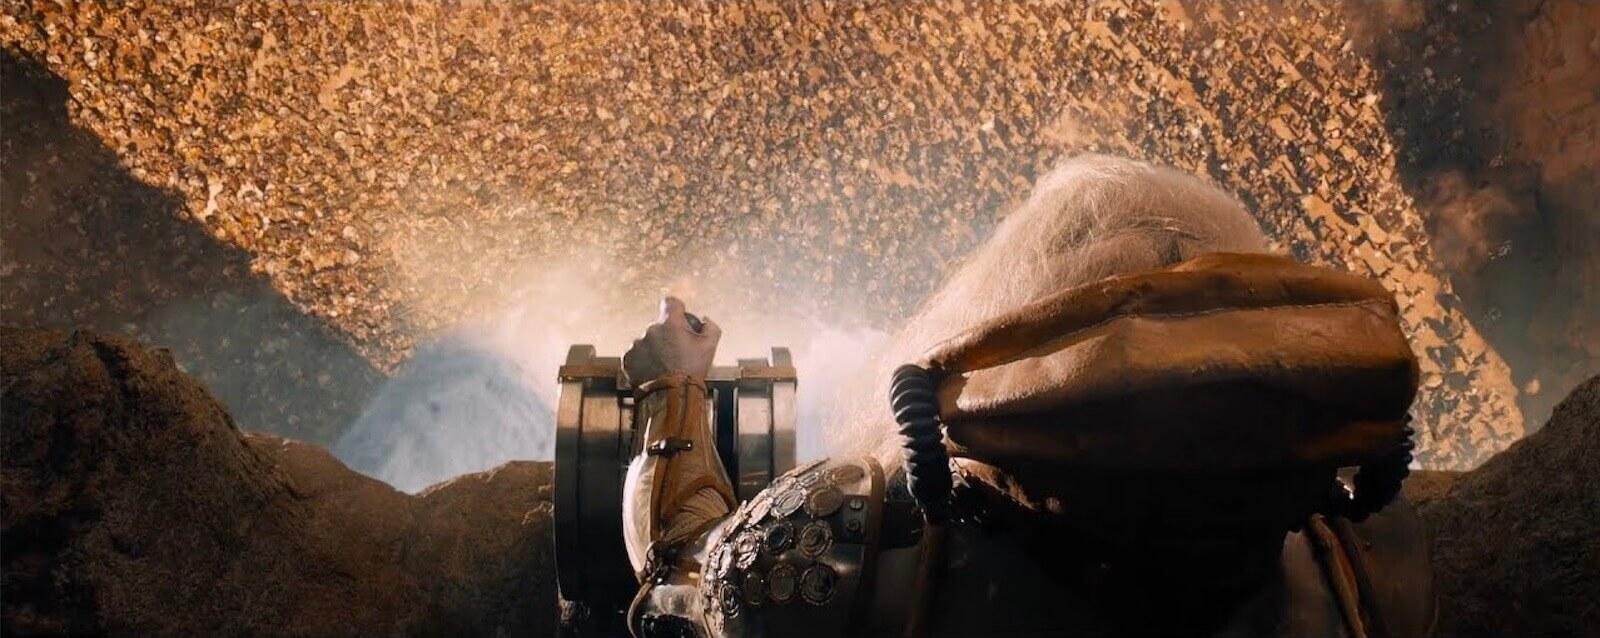 High Angle Shot - Camera Angles - Mad Max Fury Road